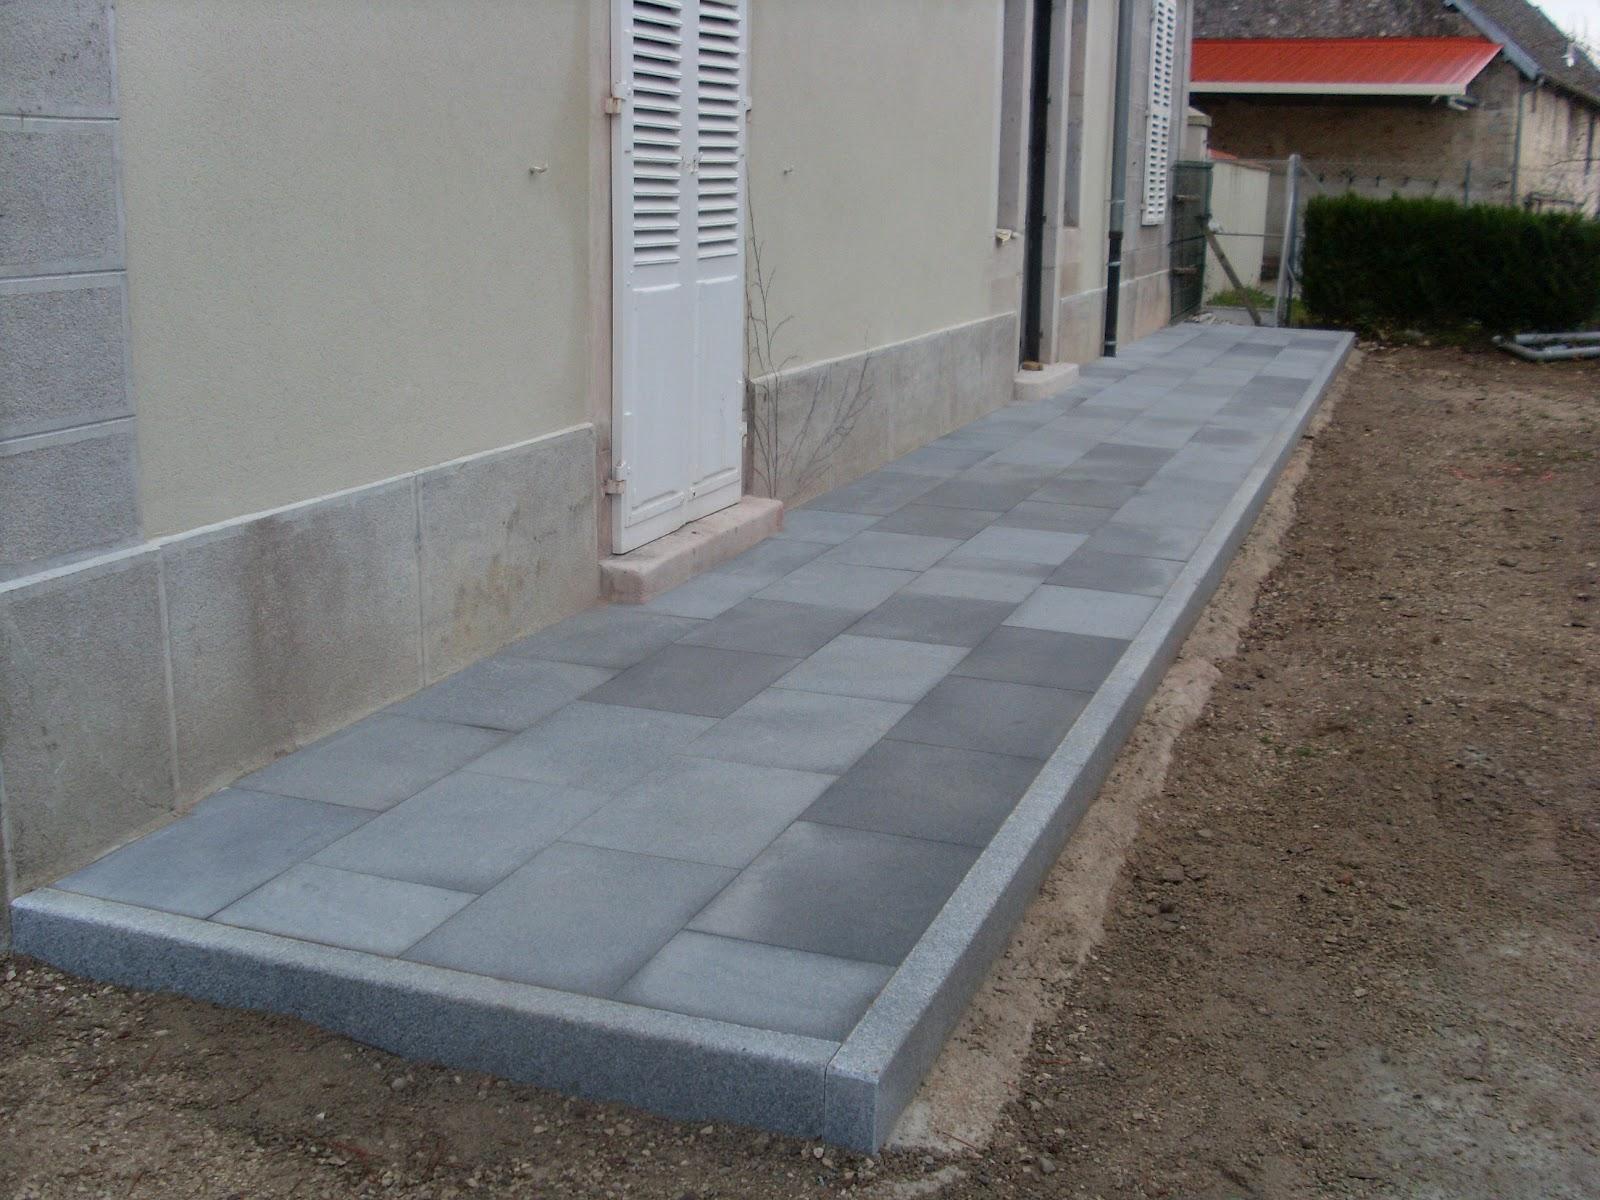 Hervier paysages dalles et bordures granit - Dalle en granit pour terrasse ...